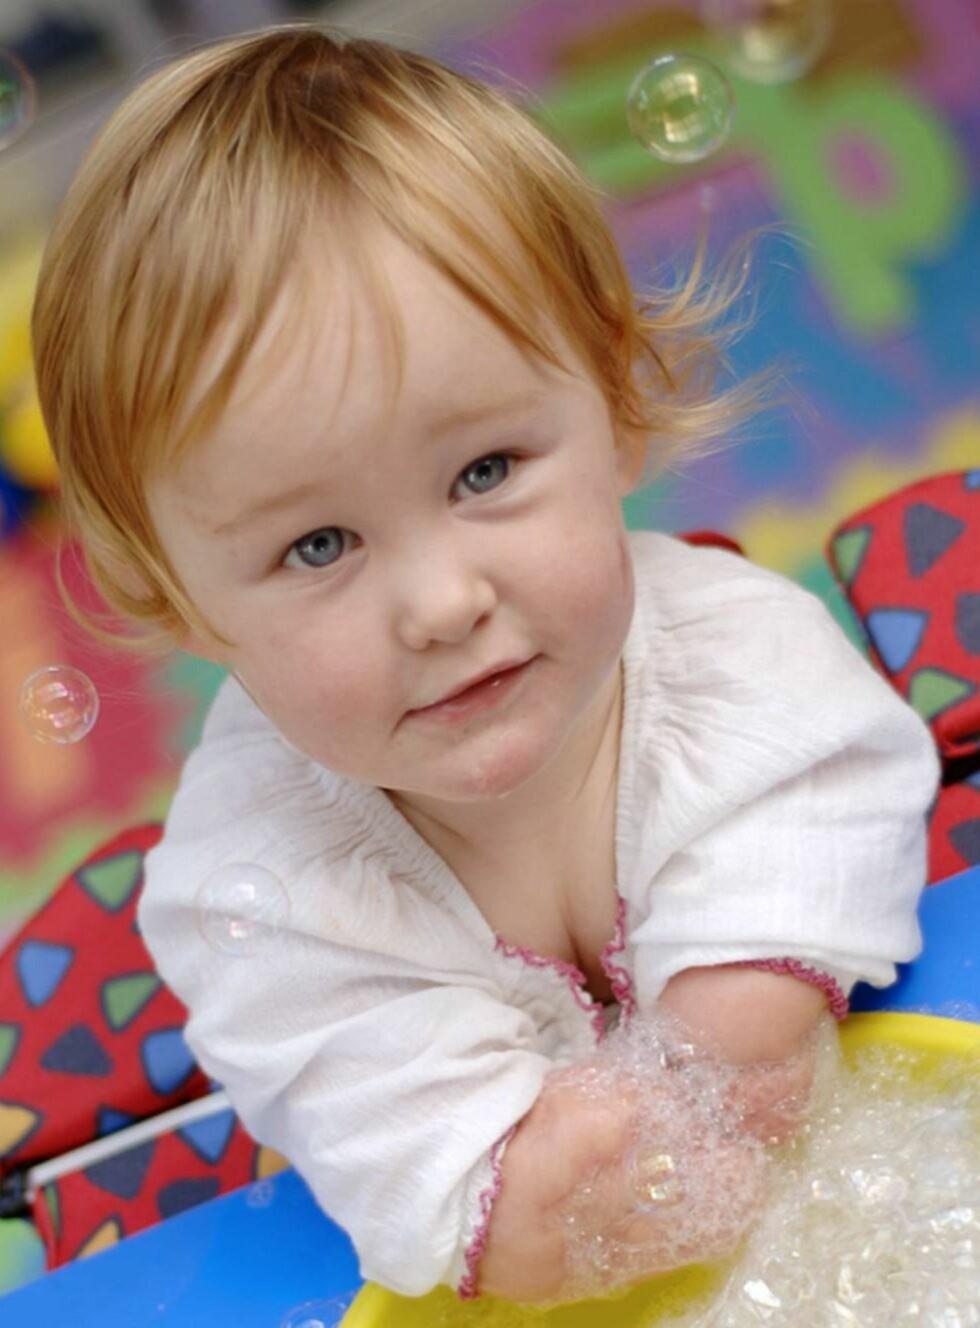 UTEN LEMMER: Lille Charlotte mistet både armer og bein. Foto: TVNorge